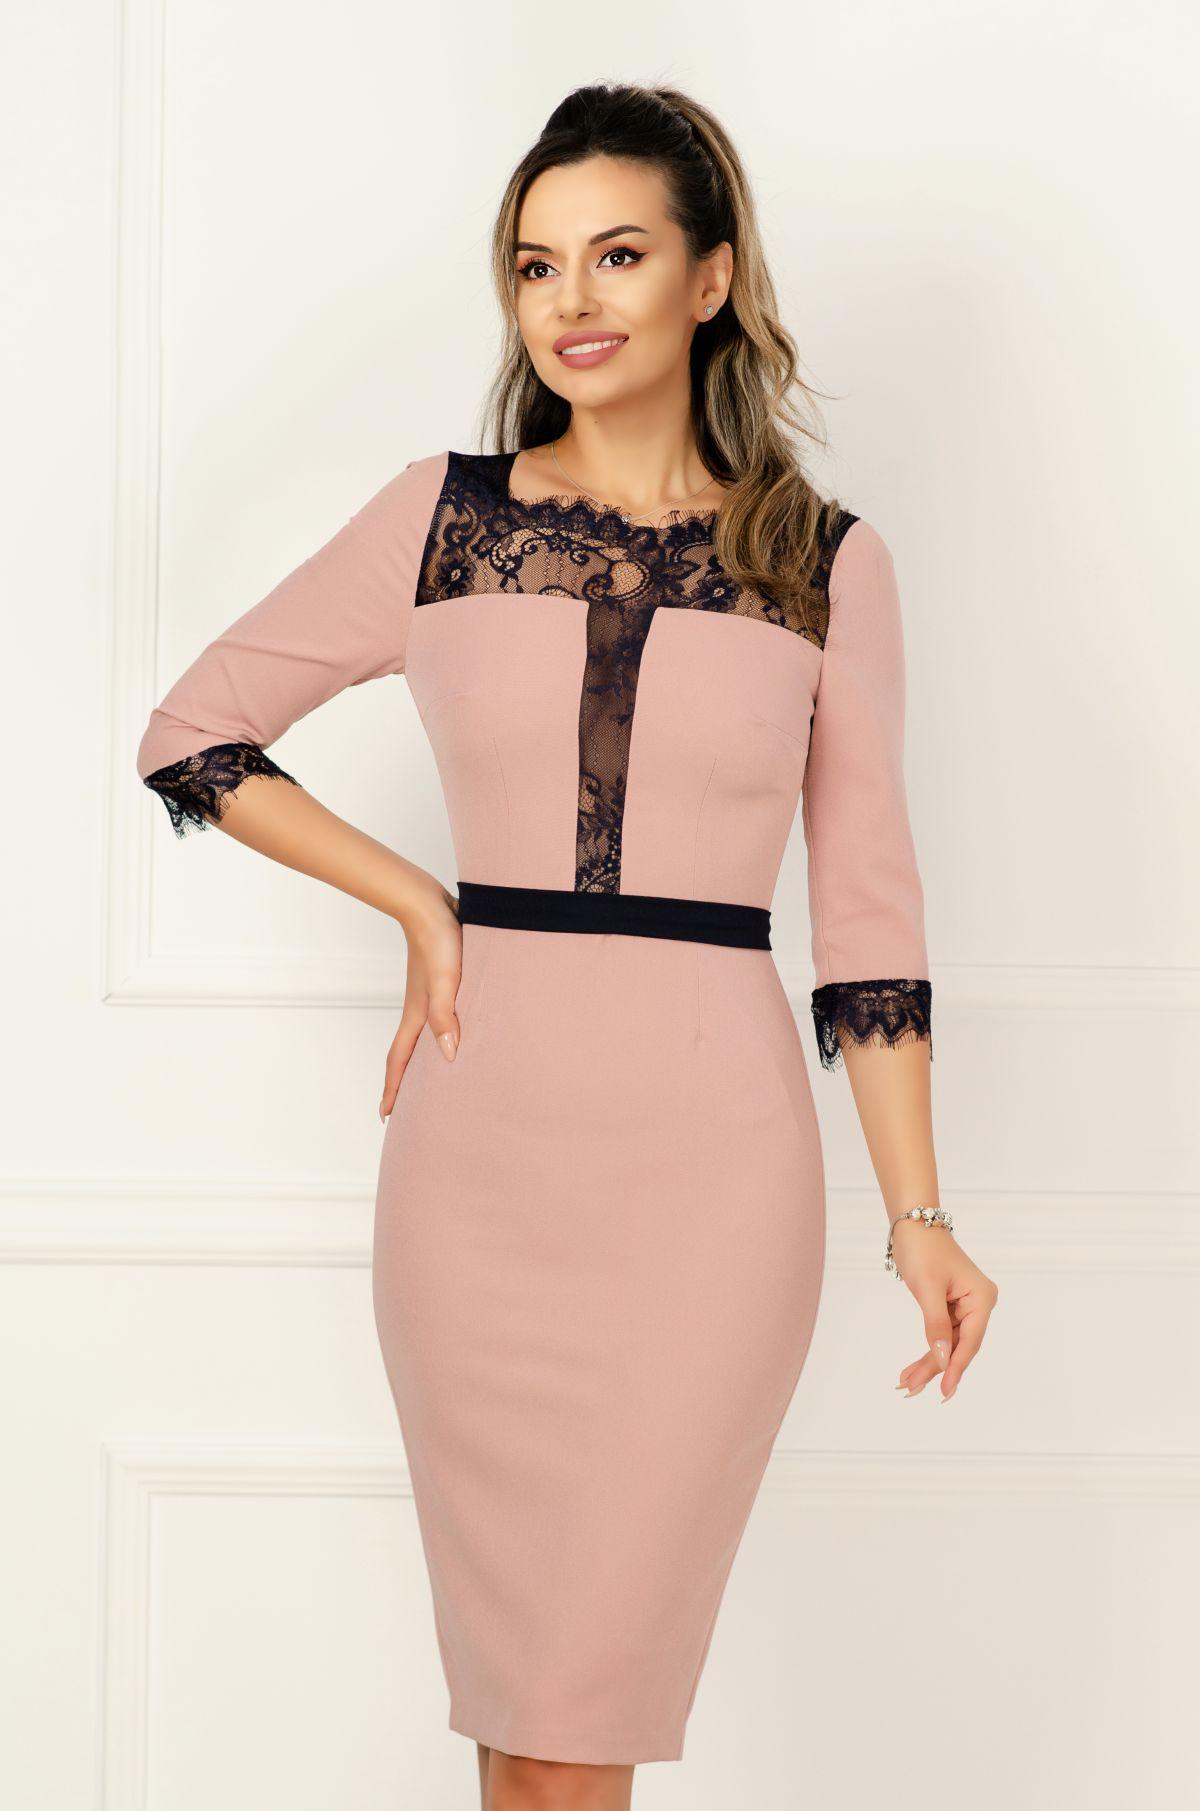 Rochie MBG eleganta de ocazie roz prafuit cu insertii de dantea bleumarin si talie marcata